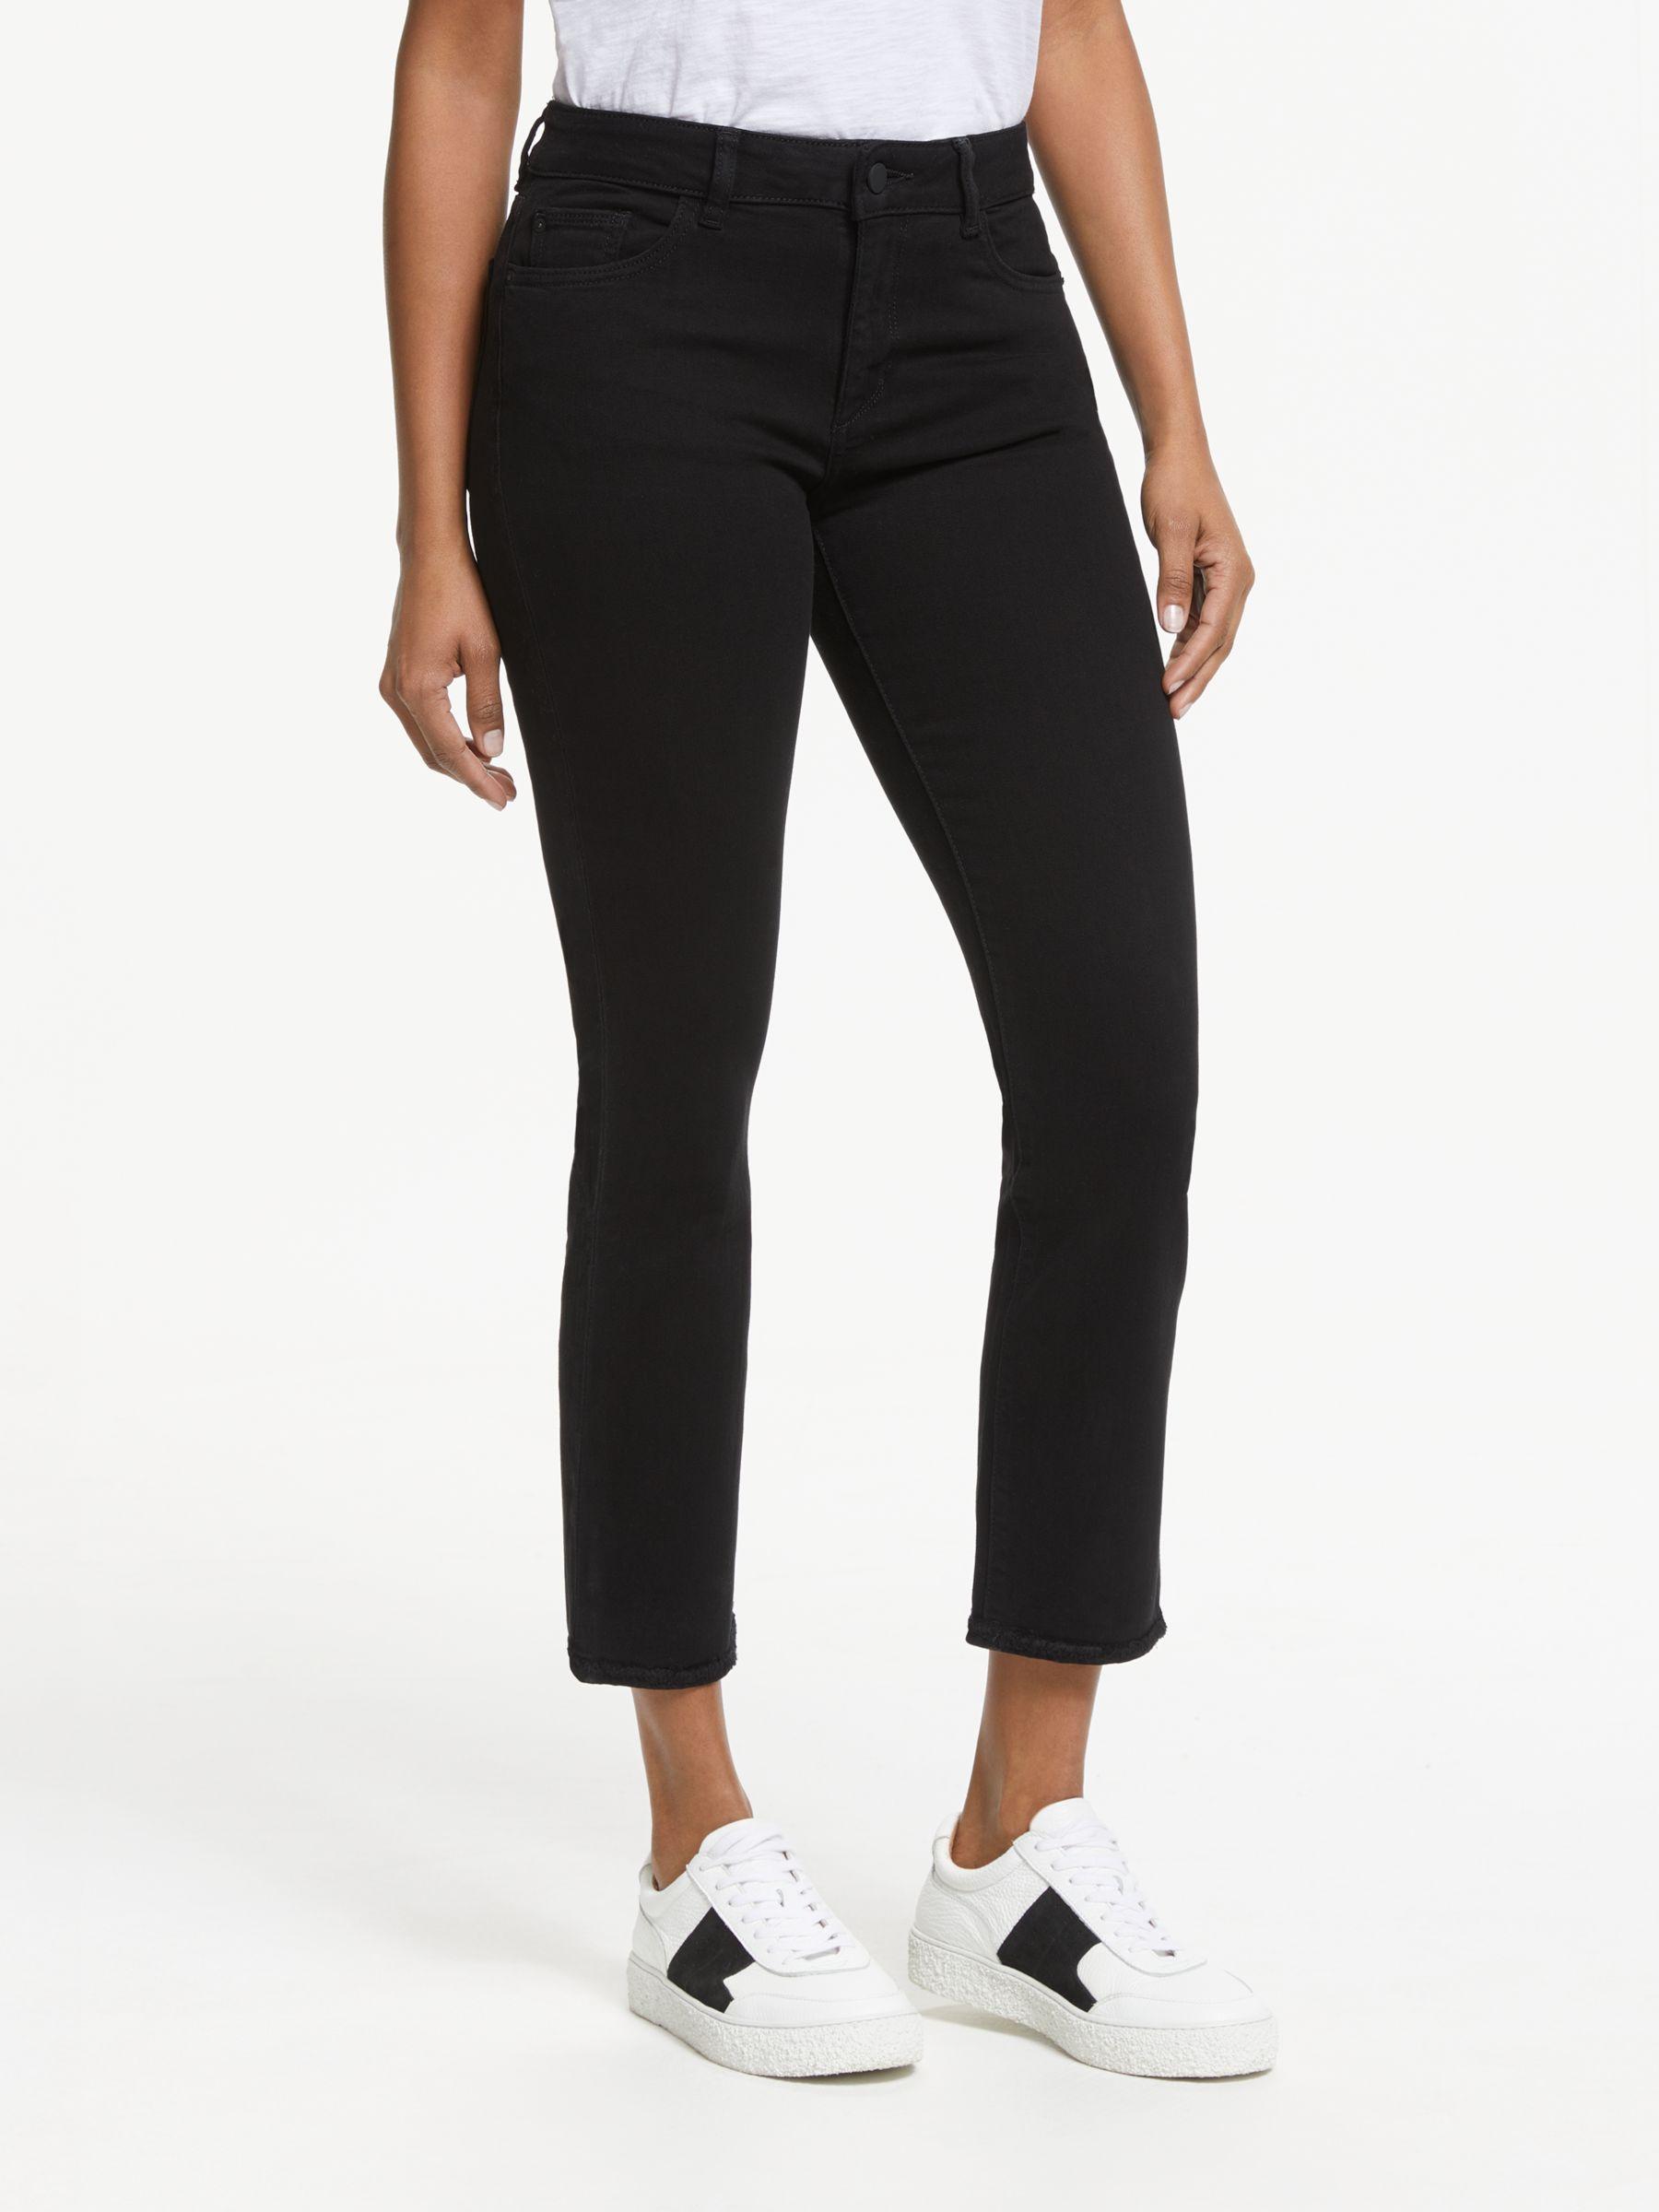 DL1961 DL1961 Mara Mid Rise Ankle Length Jeans, Concrete